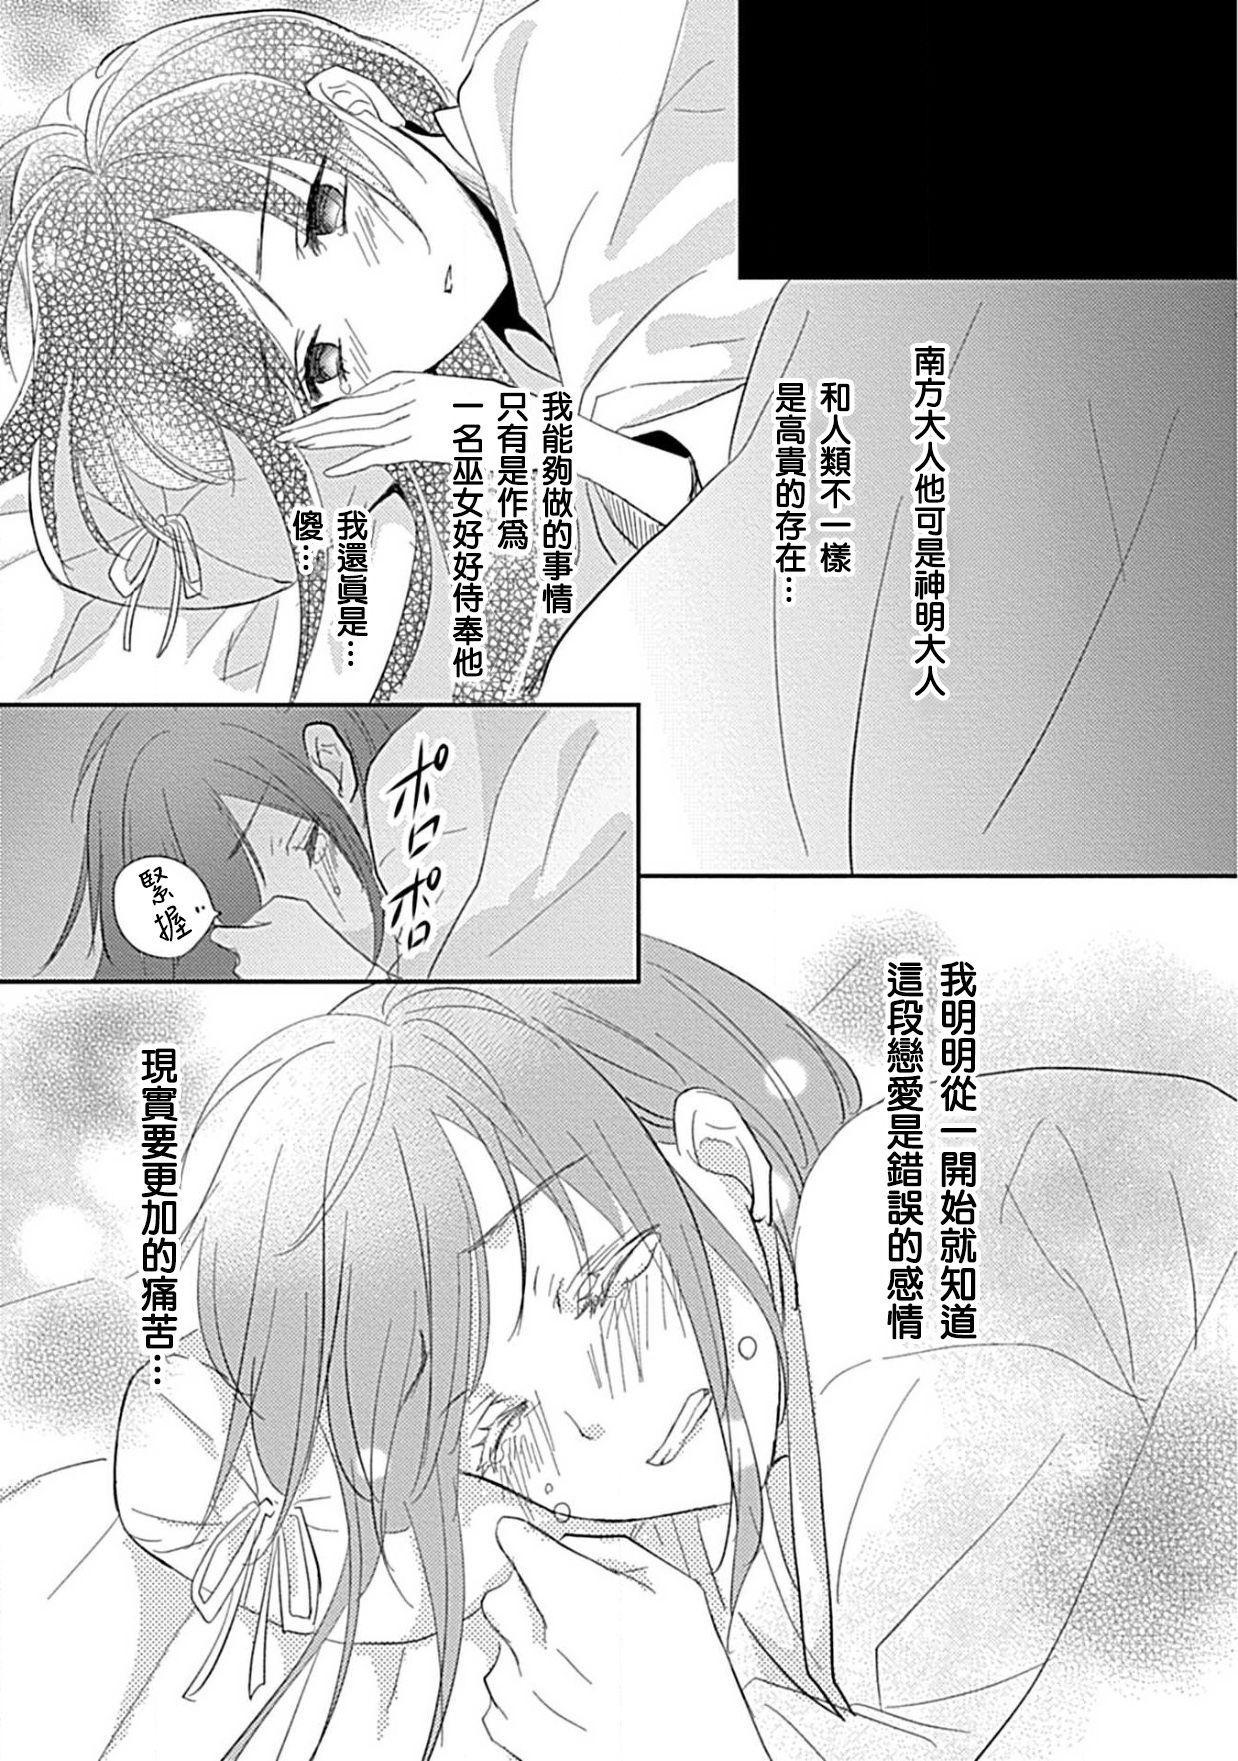 kyosei ranbu itoshi no kamisama ha amayaka ni osu deshita | 嬌聲亂舞 深愛的神明大人甜寵且英勇 15